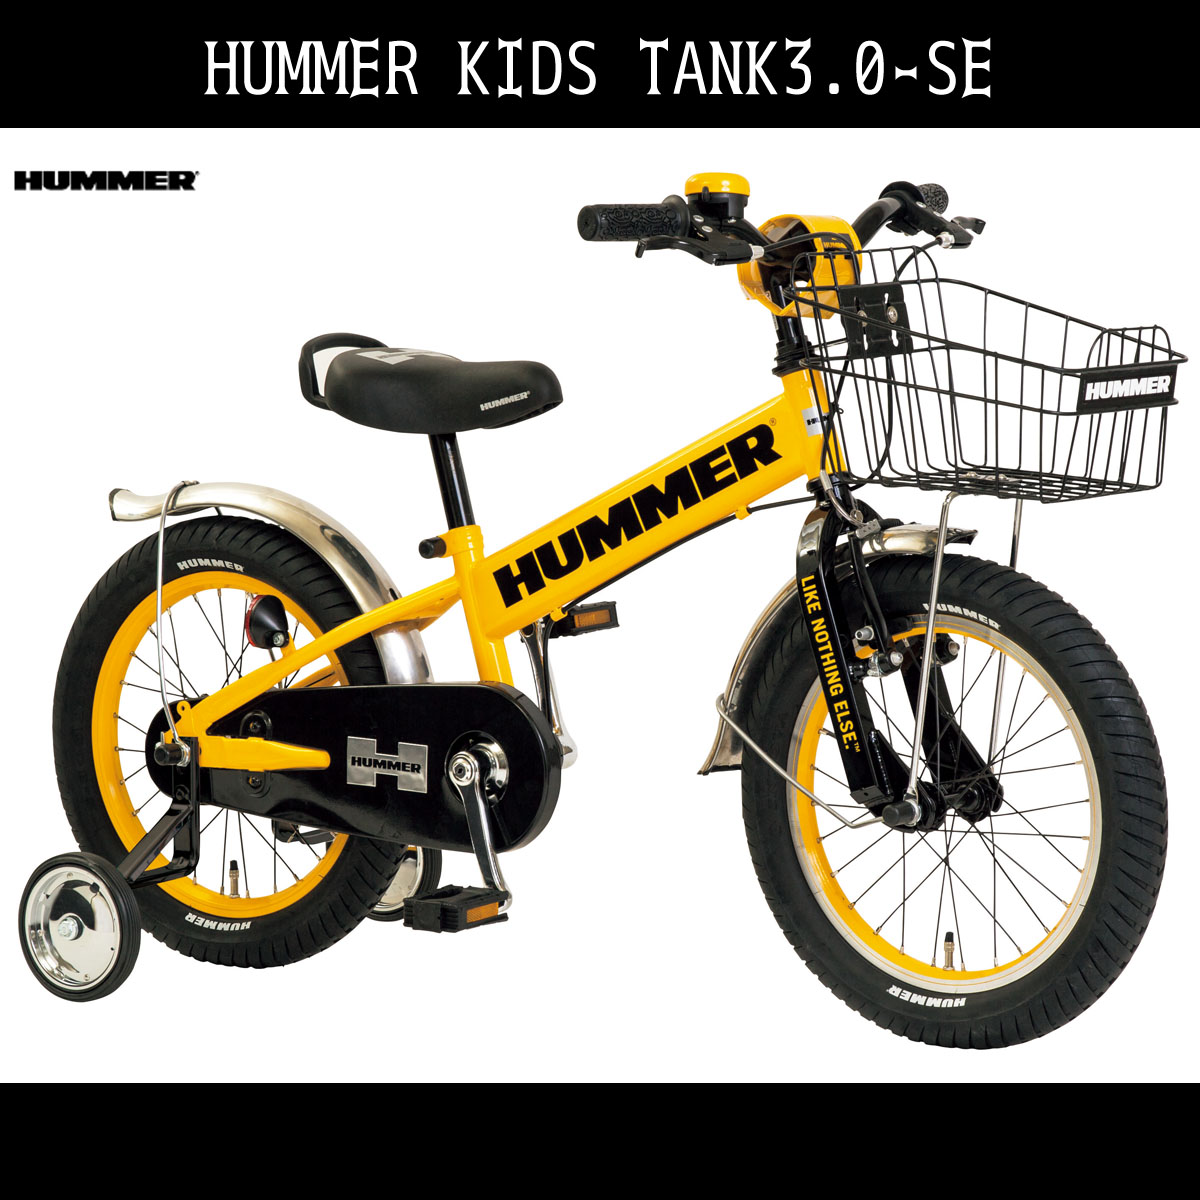 TANK3.0-SE KID'S かご付ハマー 補助輪 ギアなし 泥除け 自転車 イエロー/黄色16インチ 自転車 子ども用 自転車 補助輪付き 幼児 自転車 HUMMER ハマー マウンテンバイク 子供用 送料無料 ジュニア 自転車 キッズ おしゃれ